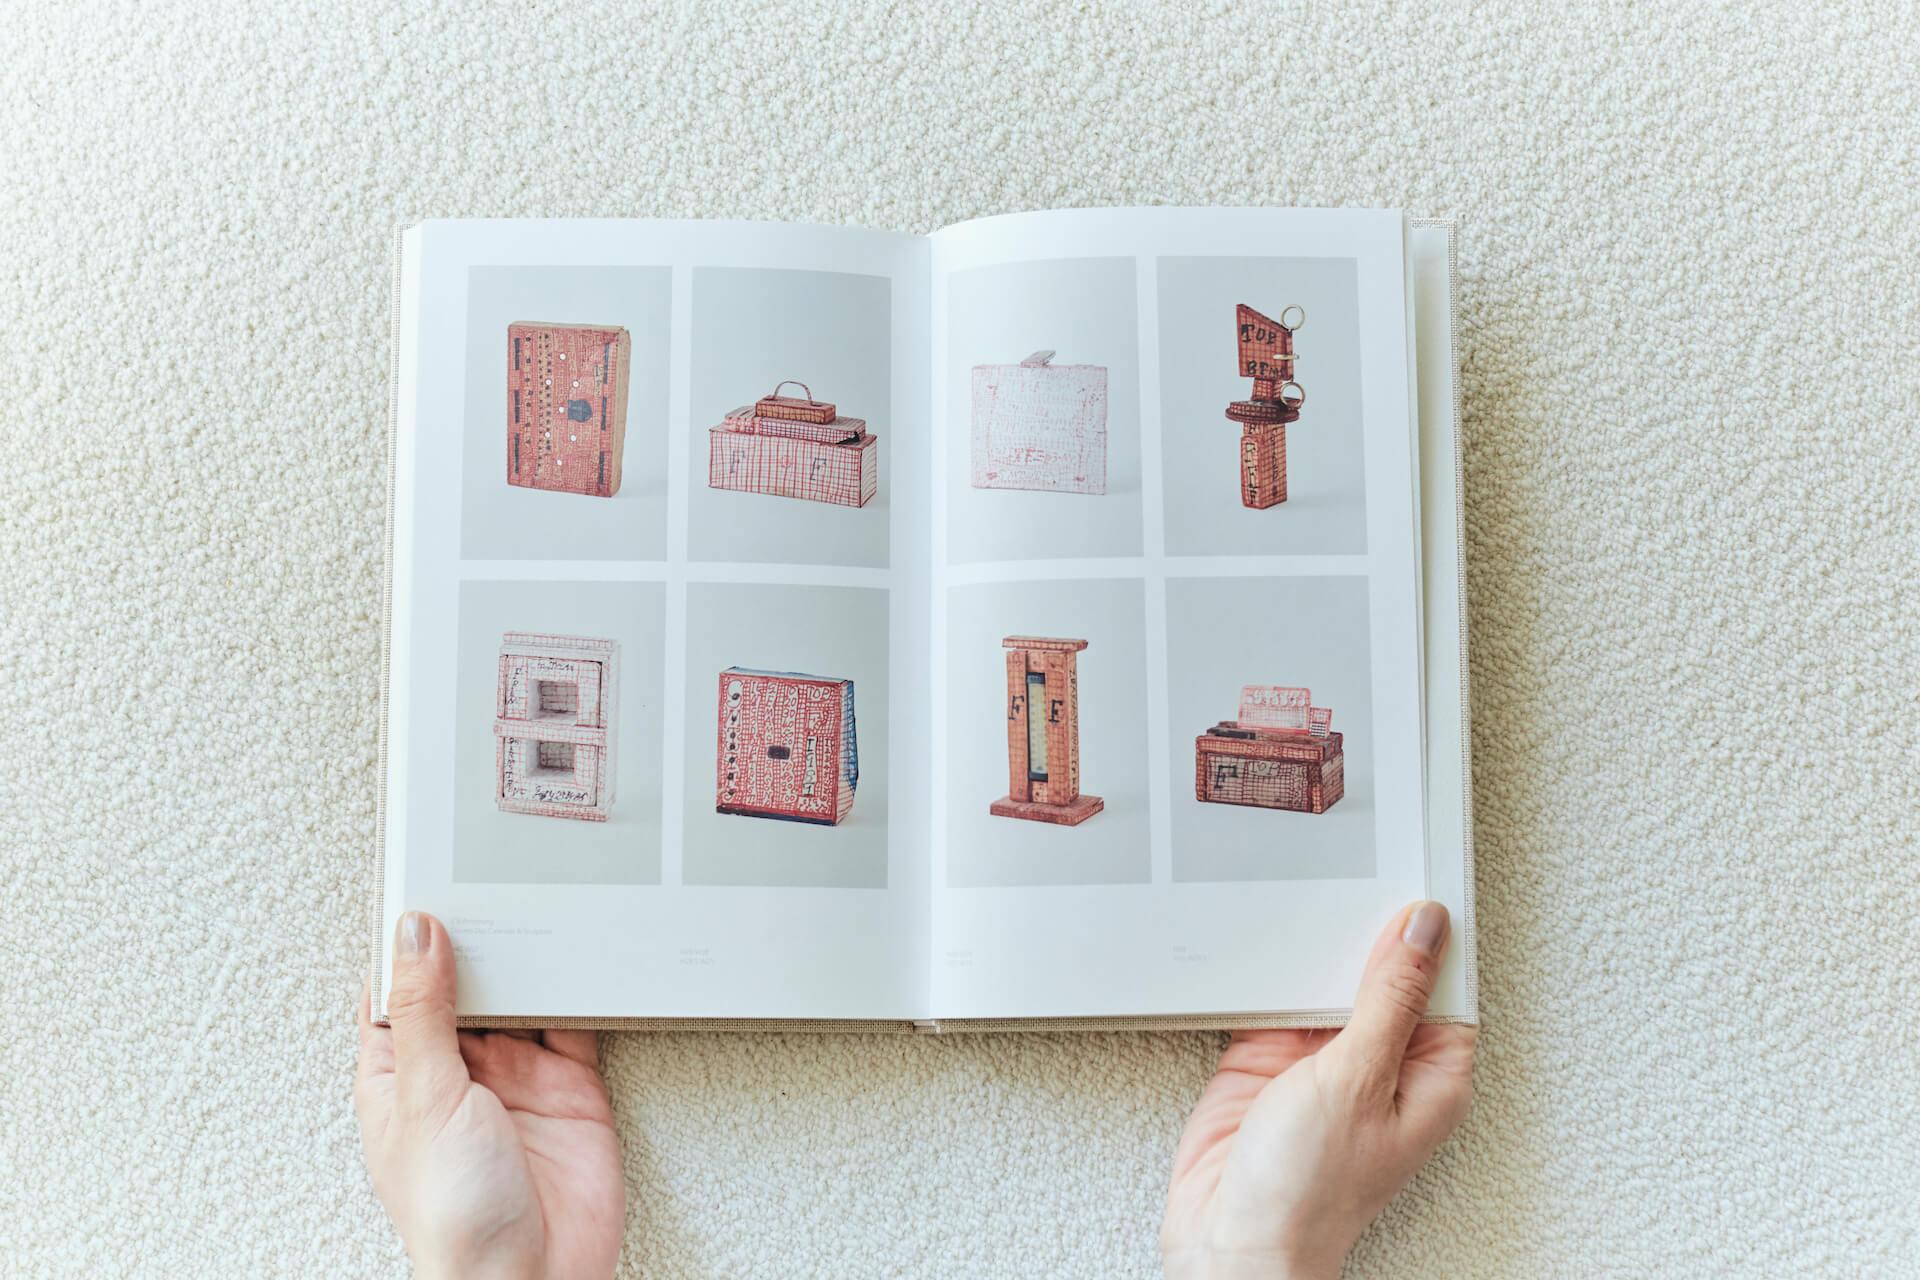 アートブックノススメ|Qetic編集部が選ぶ5冊/Harmony Korine 他 column210210_artbook-02